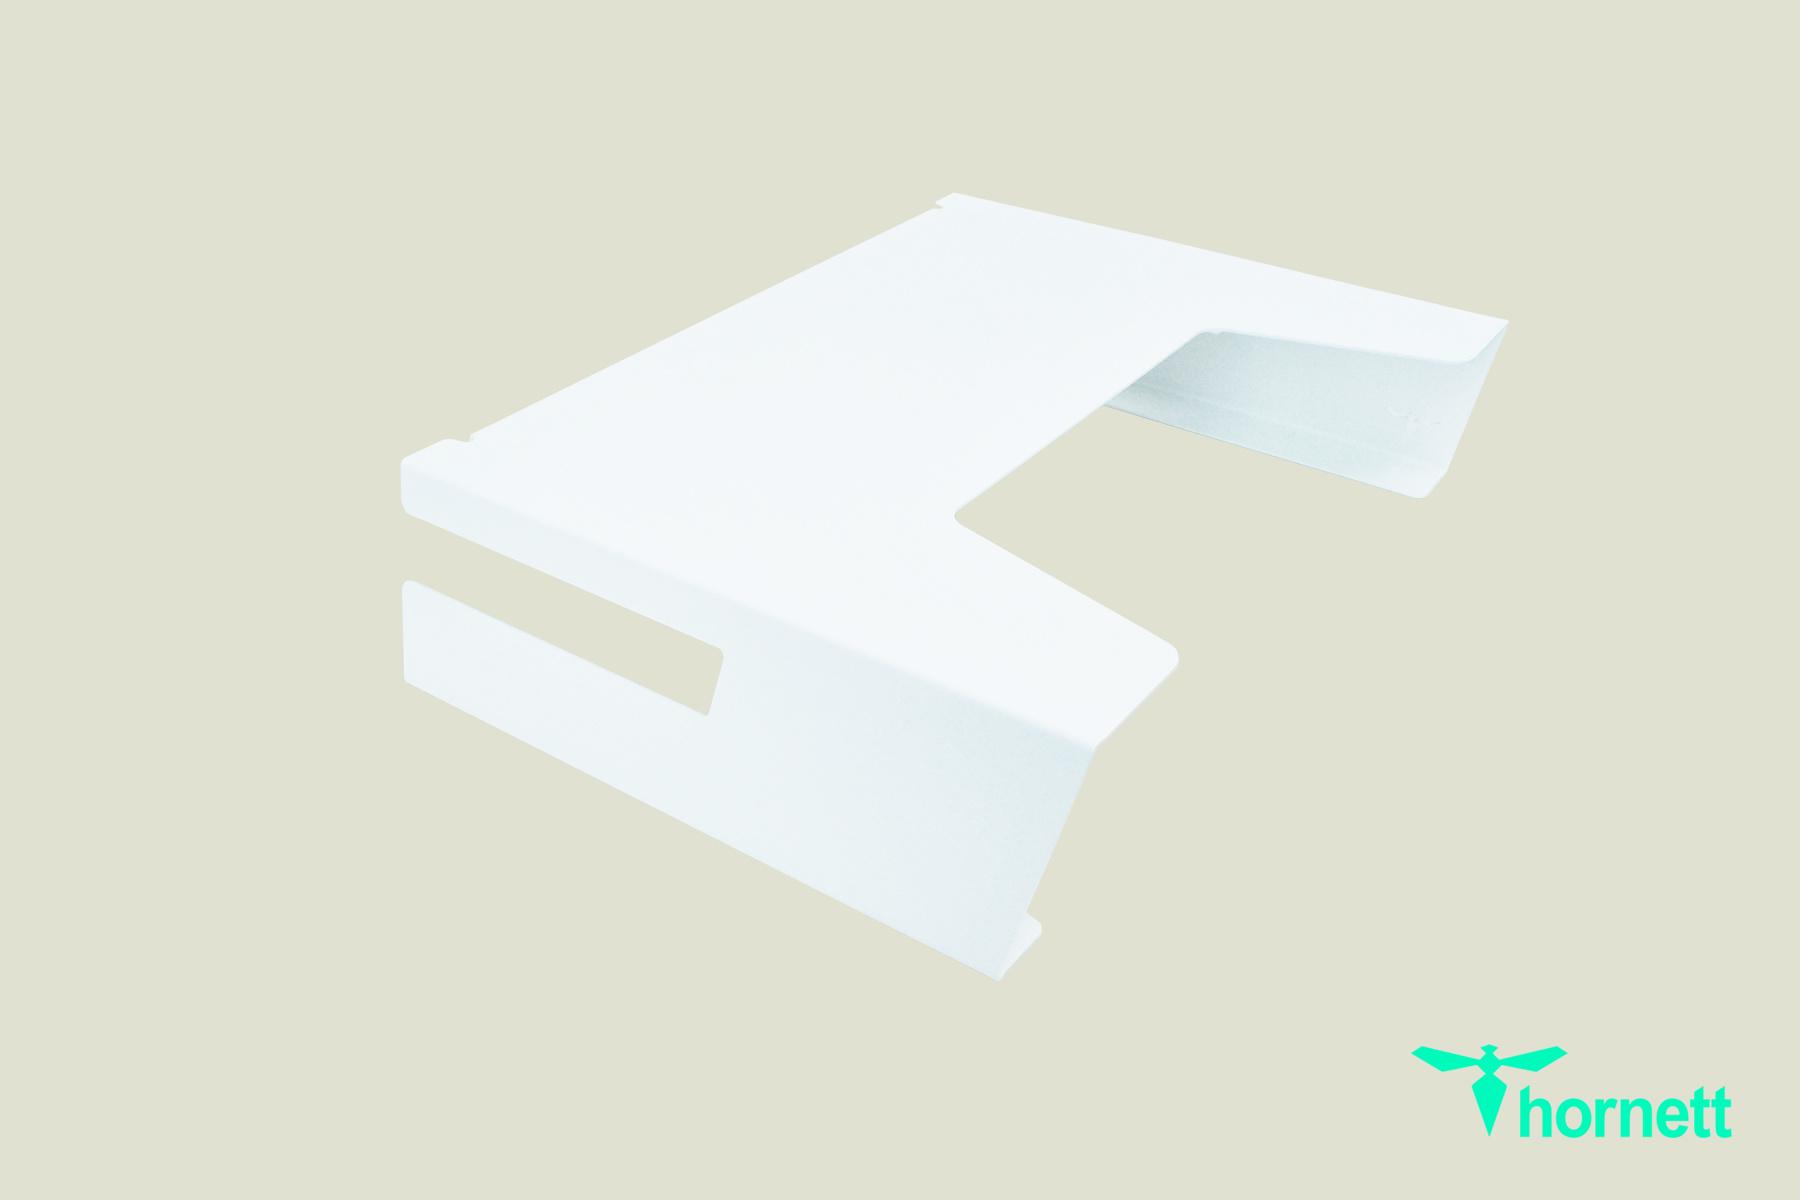 hornett ally tabletop Couchtisch weiß